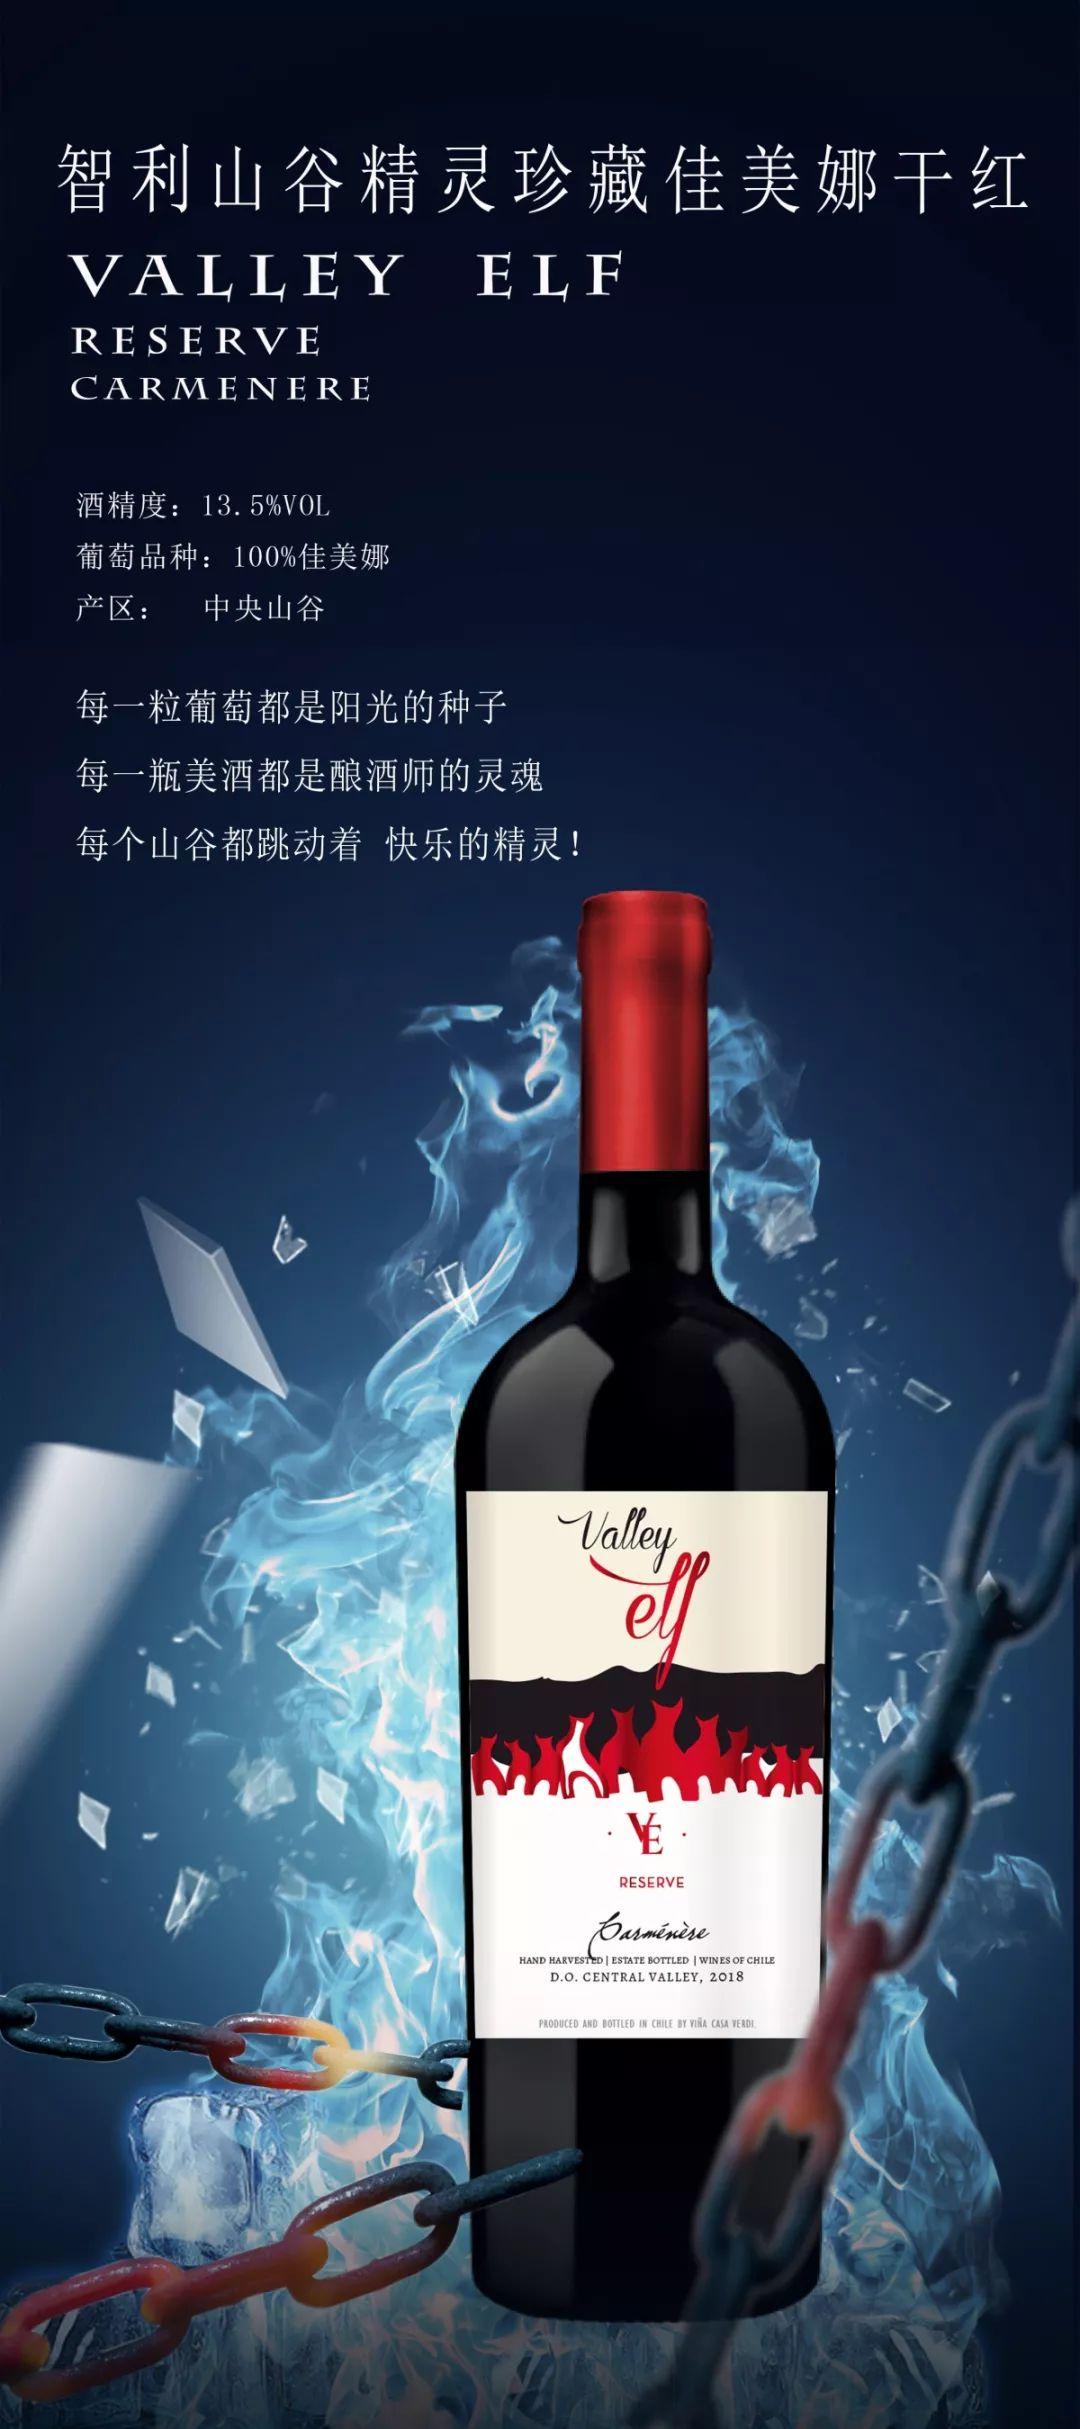 贴心的智利、法国葡萄酒进口商-深圳市天韵汇国际贸易有限公司   11.9-11 Interwine  